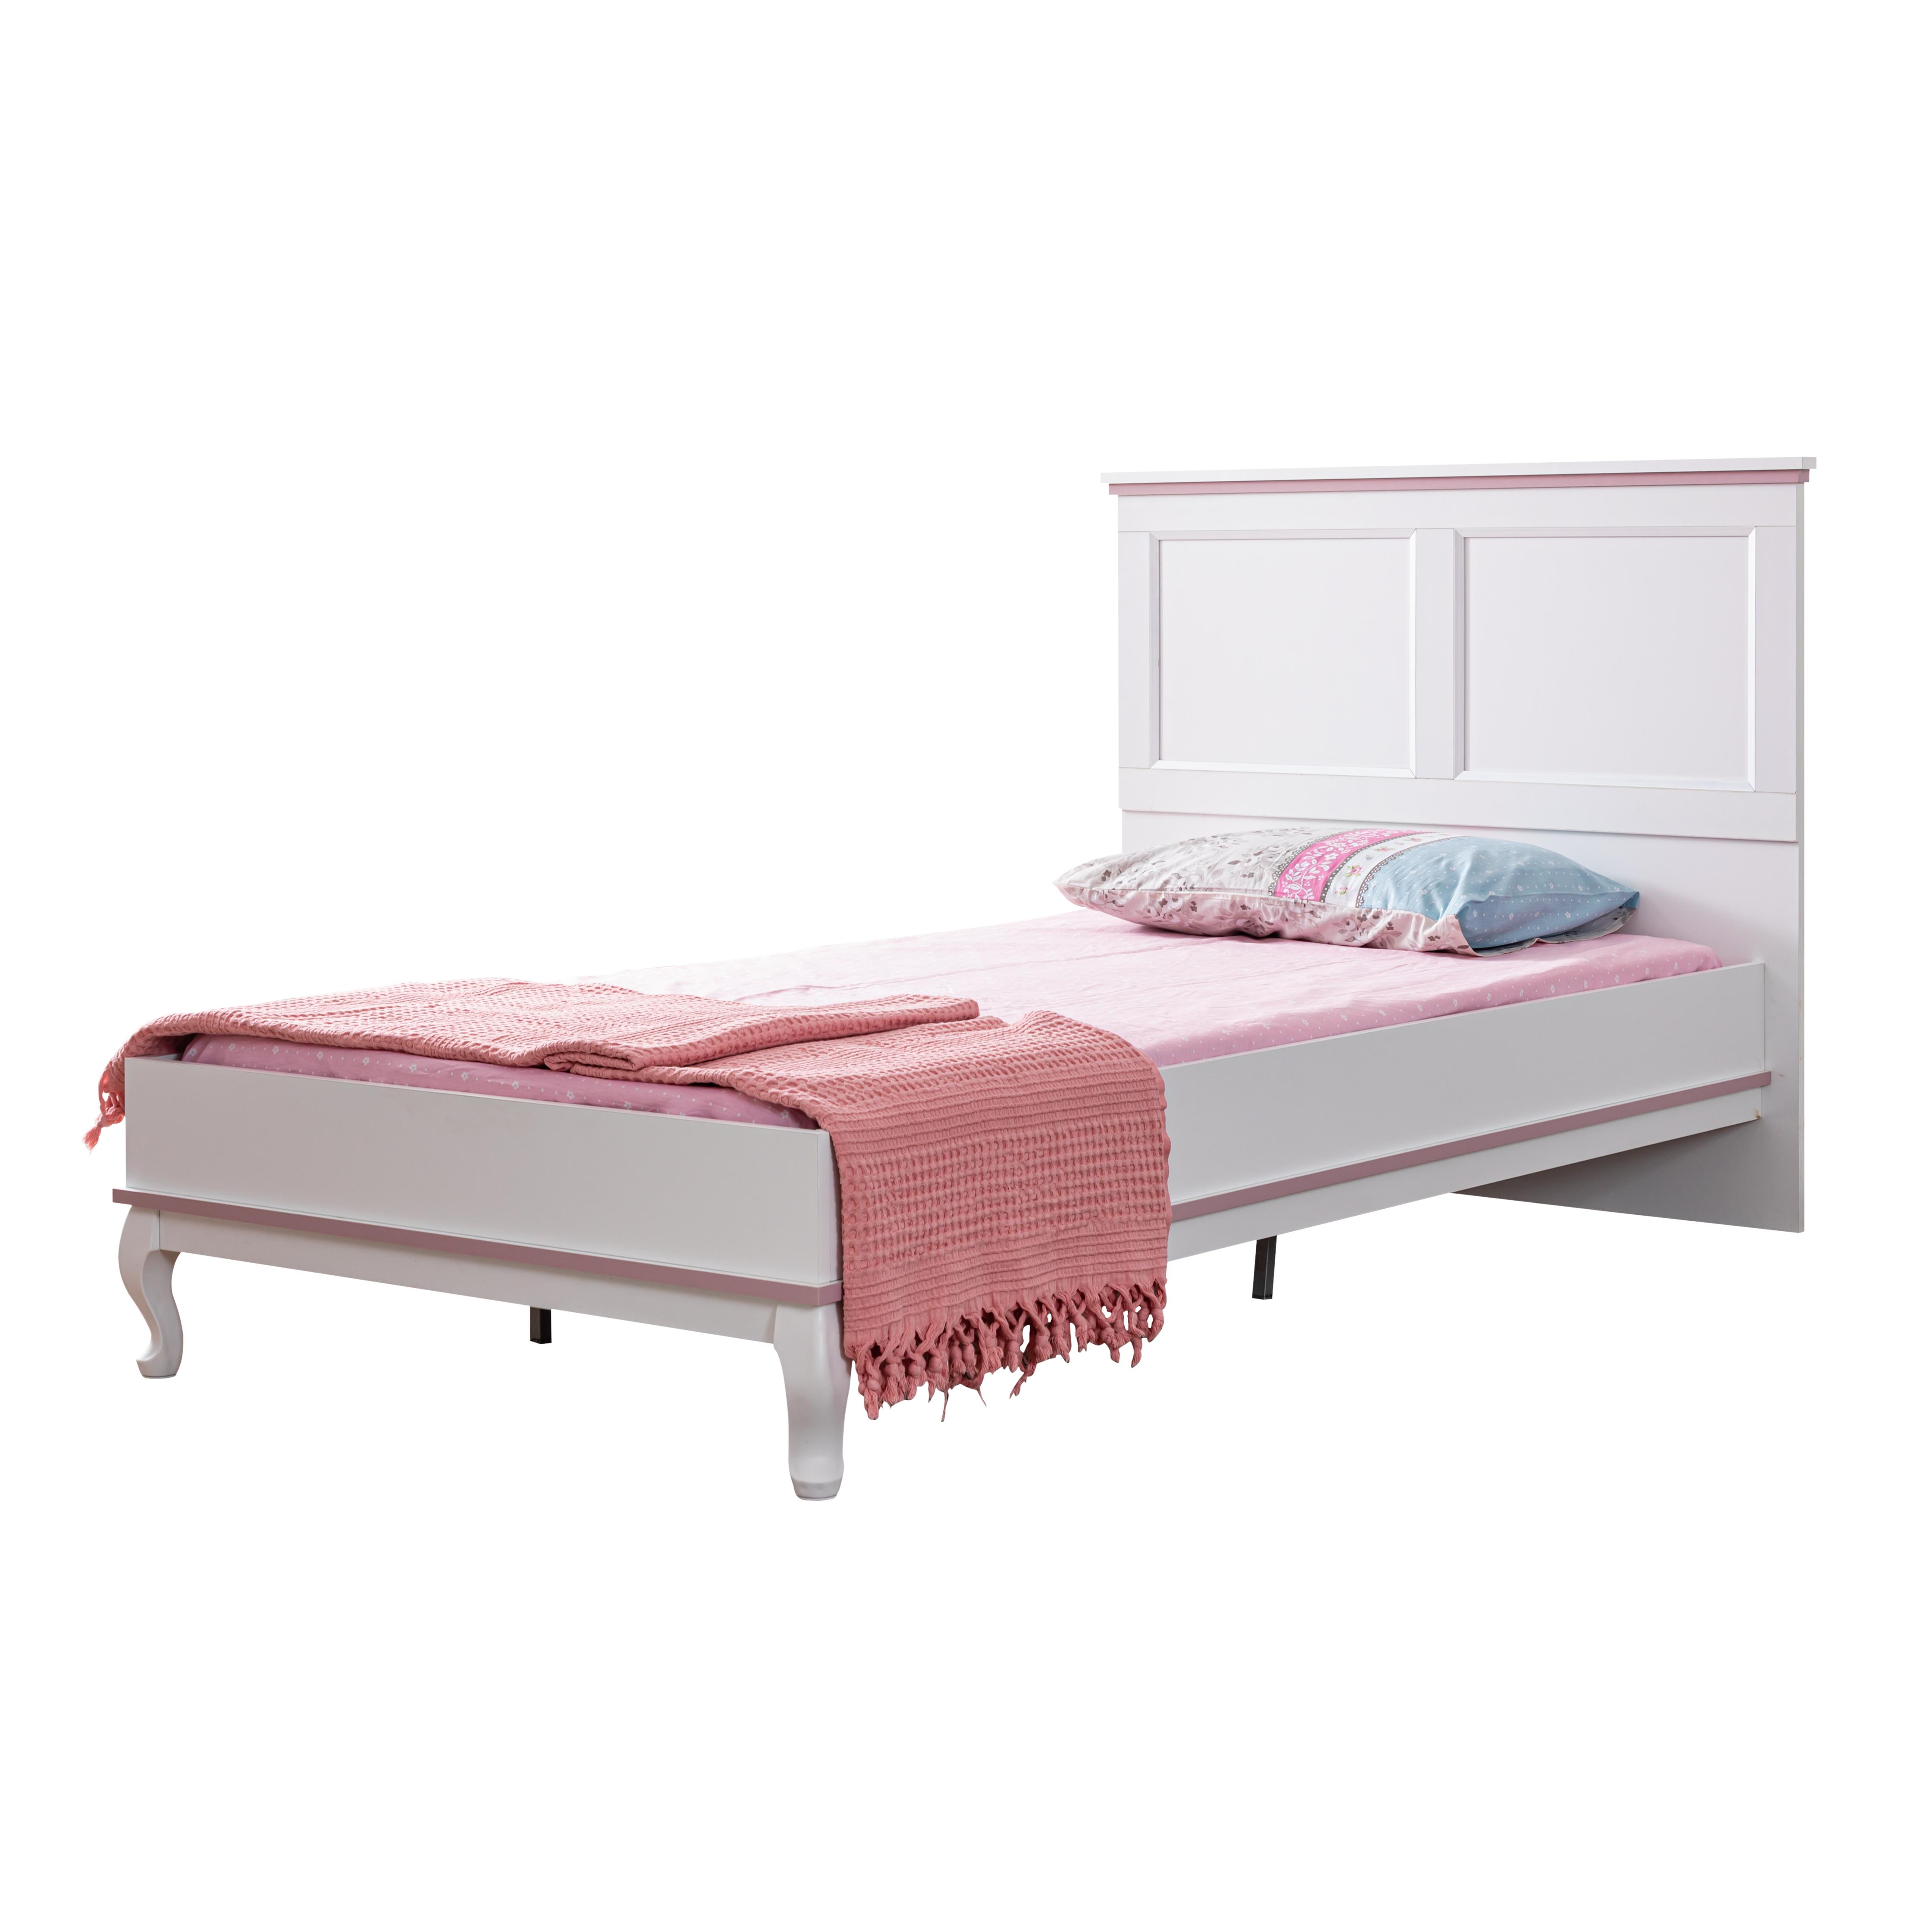 Odacix Jugendbett Lilyum in Weiß und Rosa